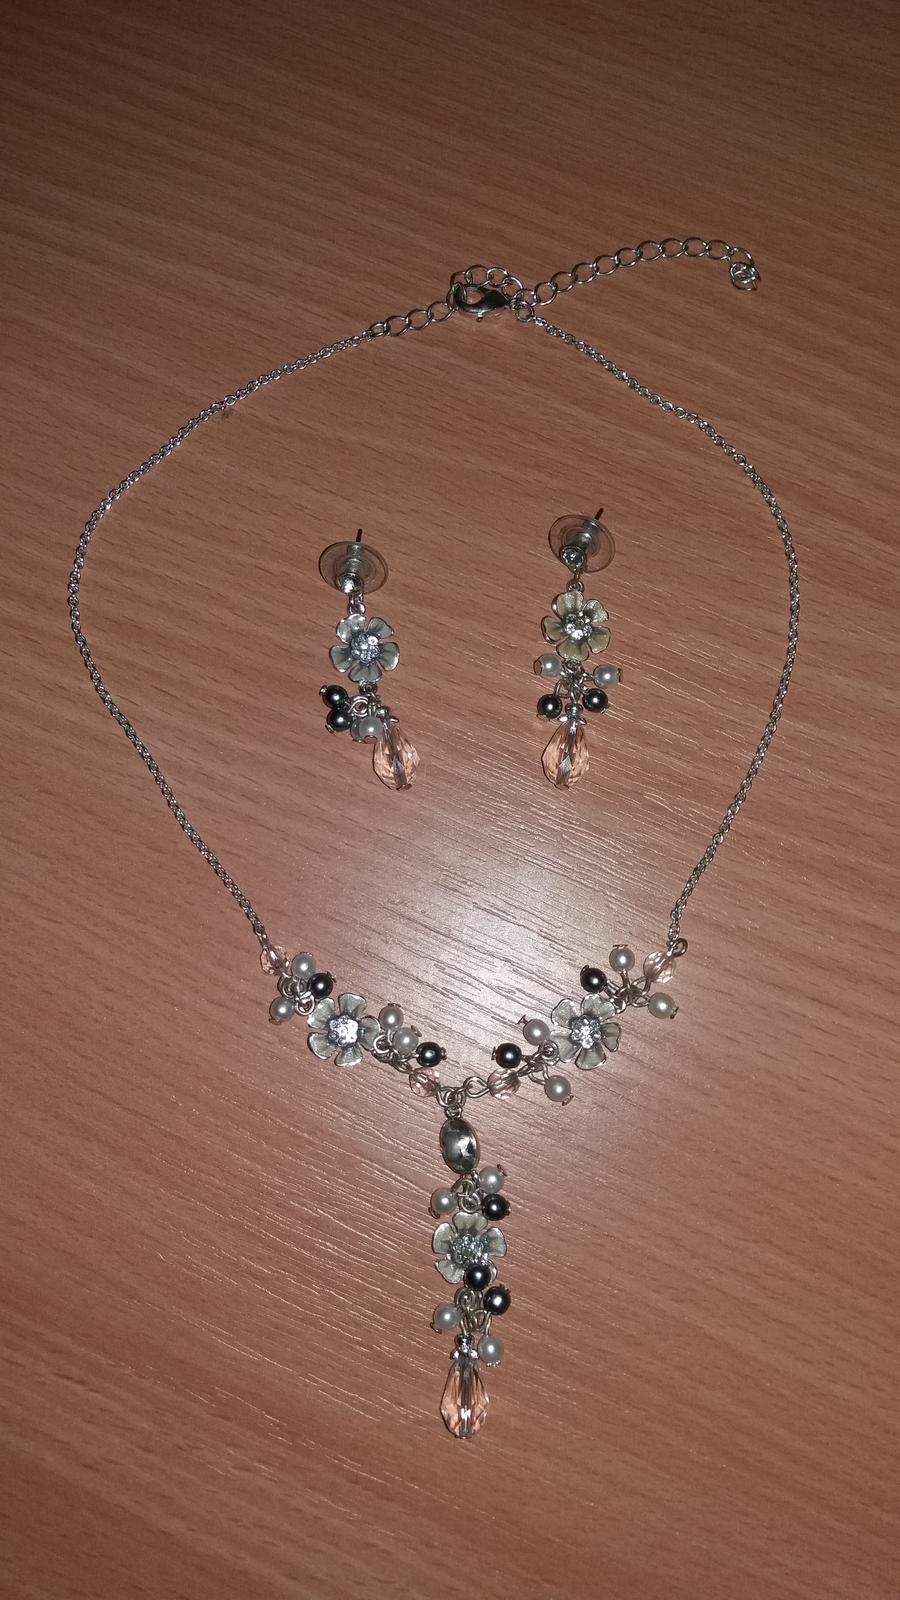 Sada naušnic a náhrdelníku - Obrázek č. 1